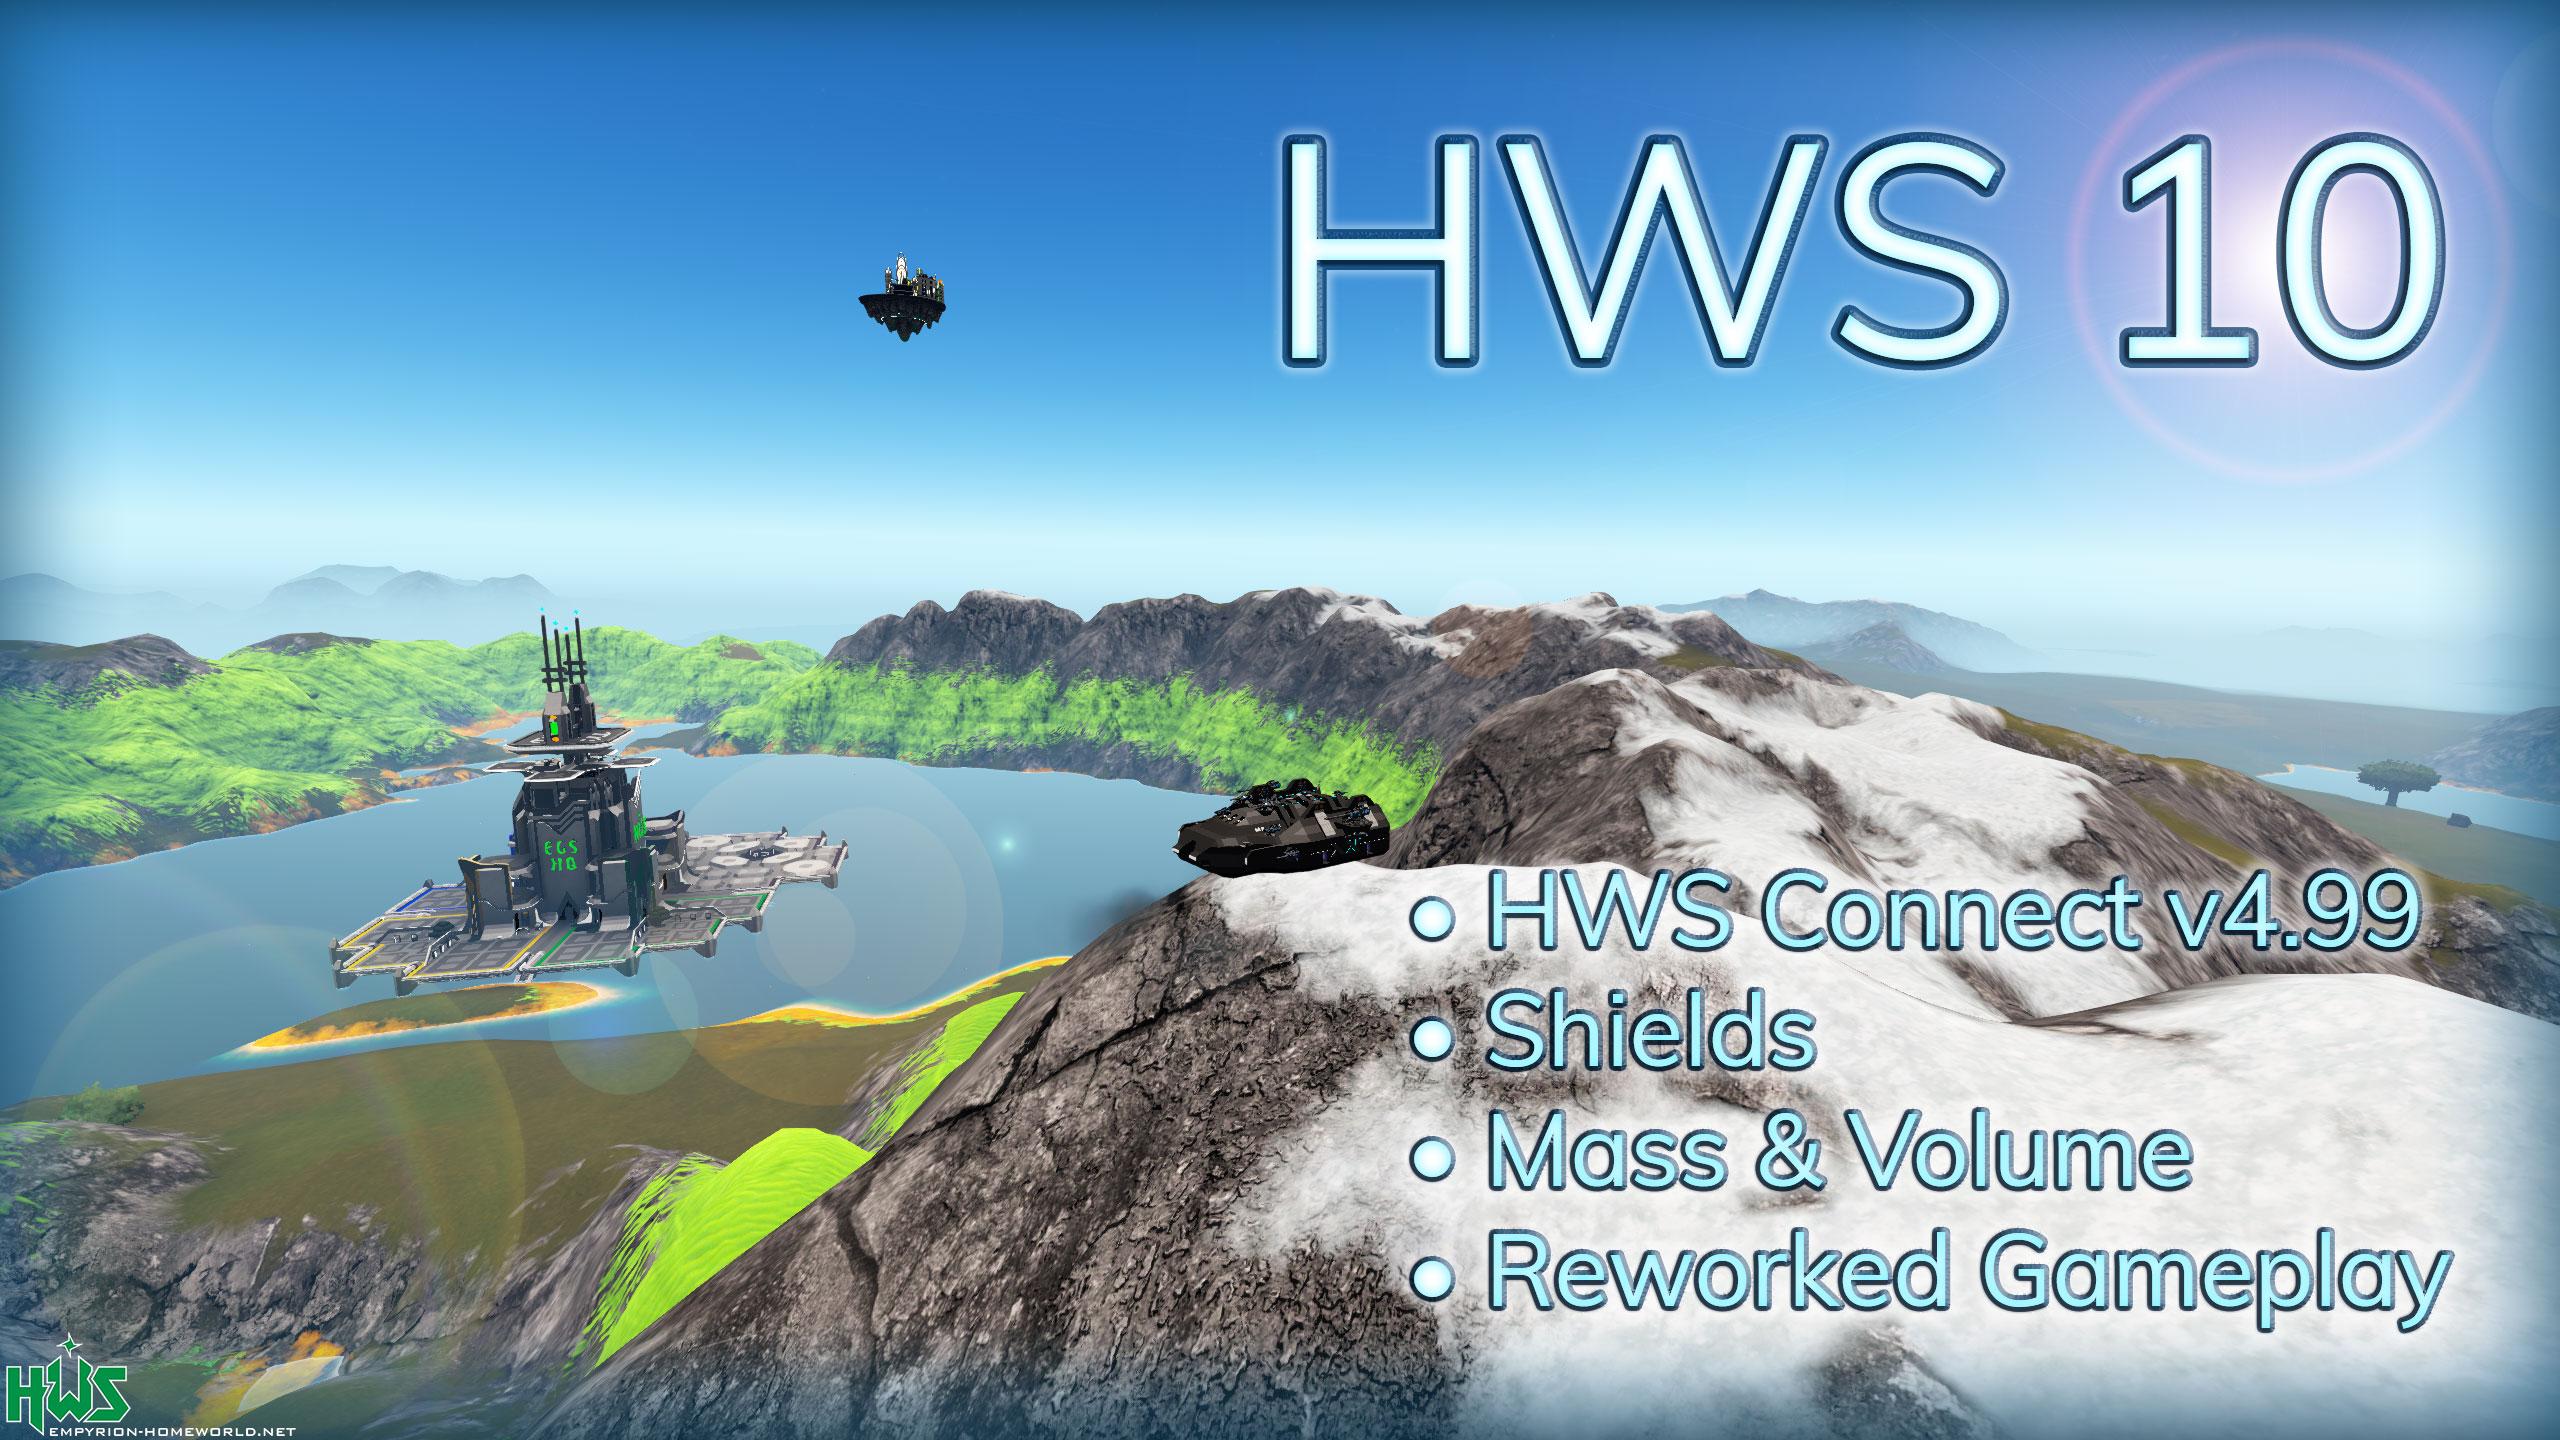 HWS-10